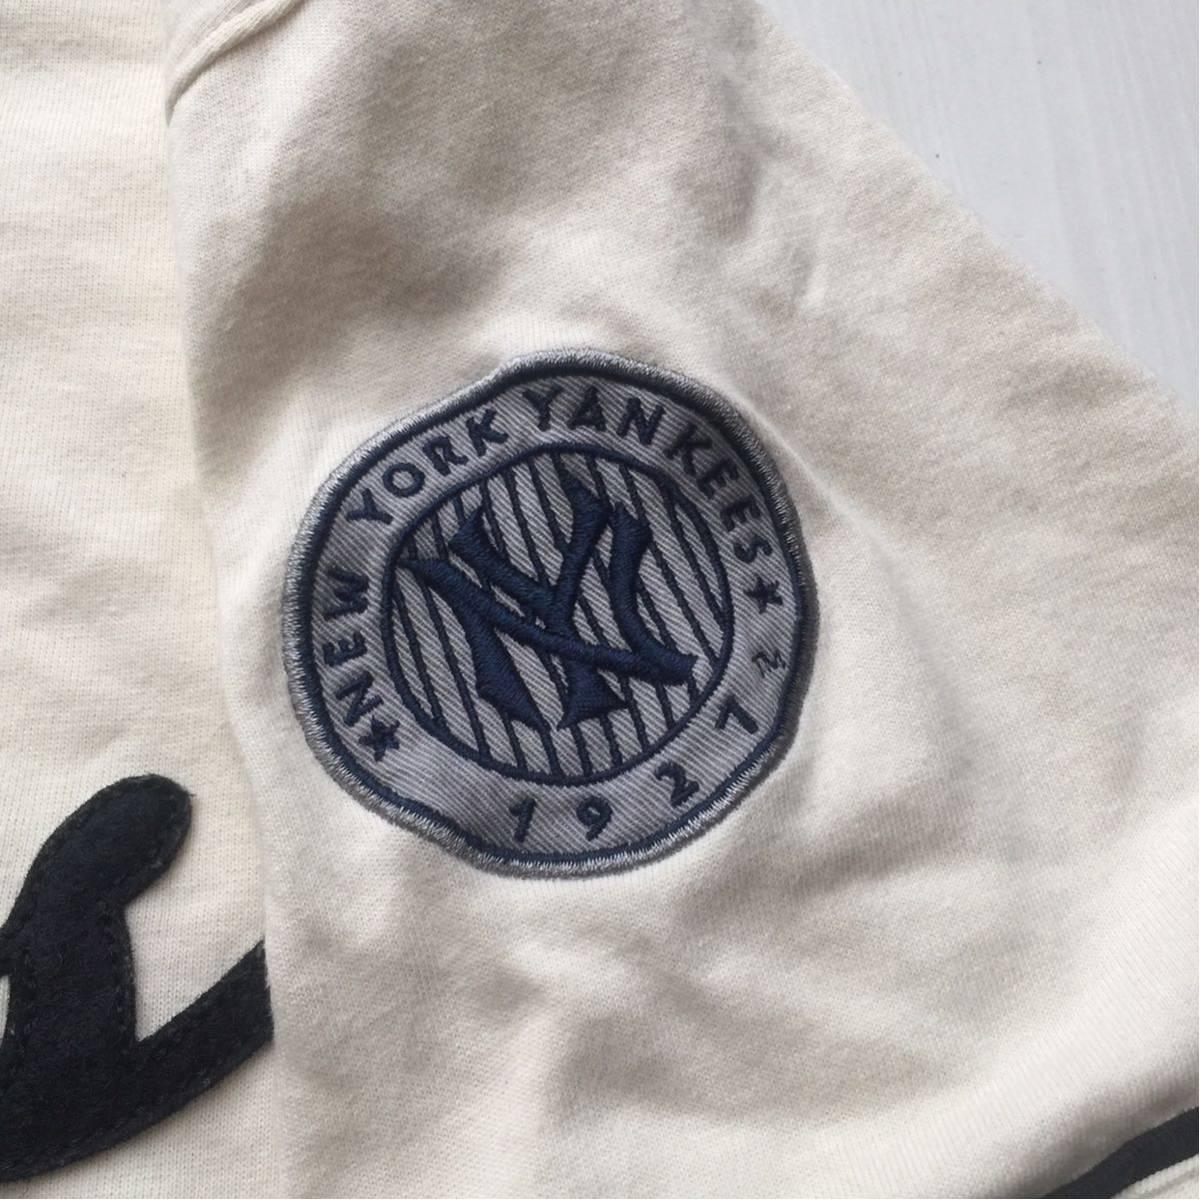 送料無料 coopers town baseball shirt new york yankees クーパーズタウン ヤンキース ベースボールシャツ old オールド 1927 vintage MLB_画像5